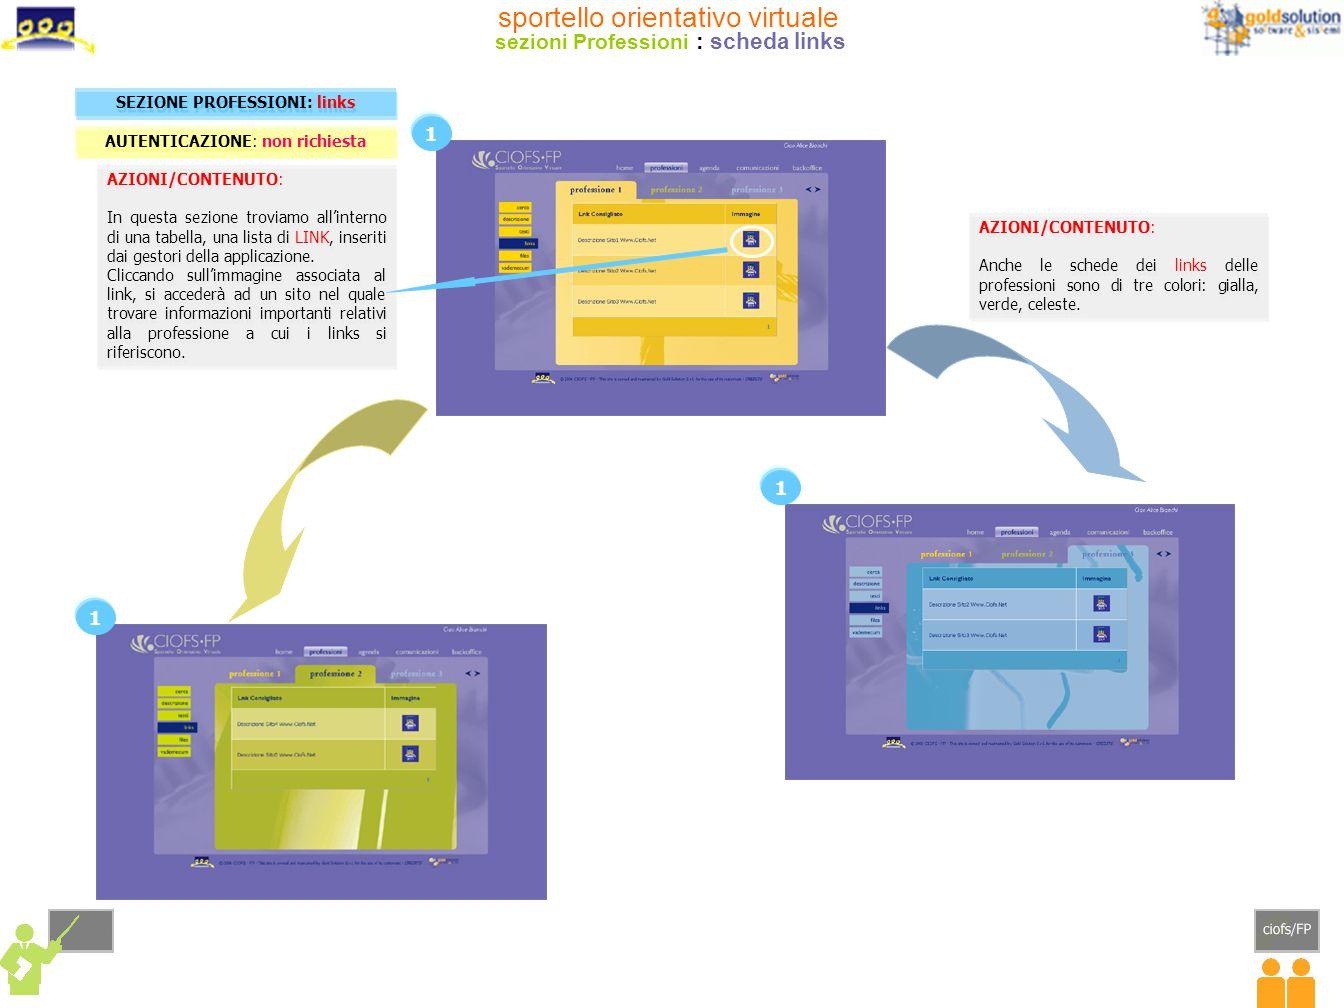 sportello orientativo virtuale sezioni Professioni : scheda links AZIONI/CONTENUTO: In questa sezione troviamo all'interno di una tabella, una lista d